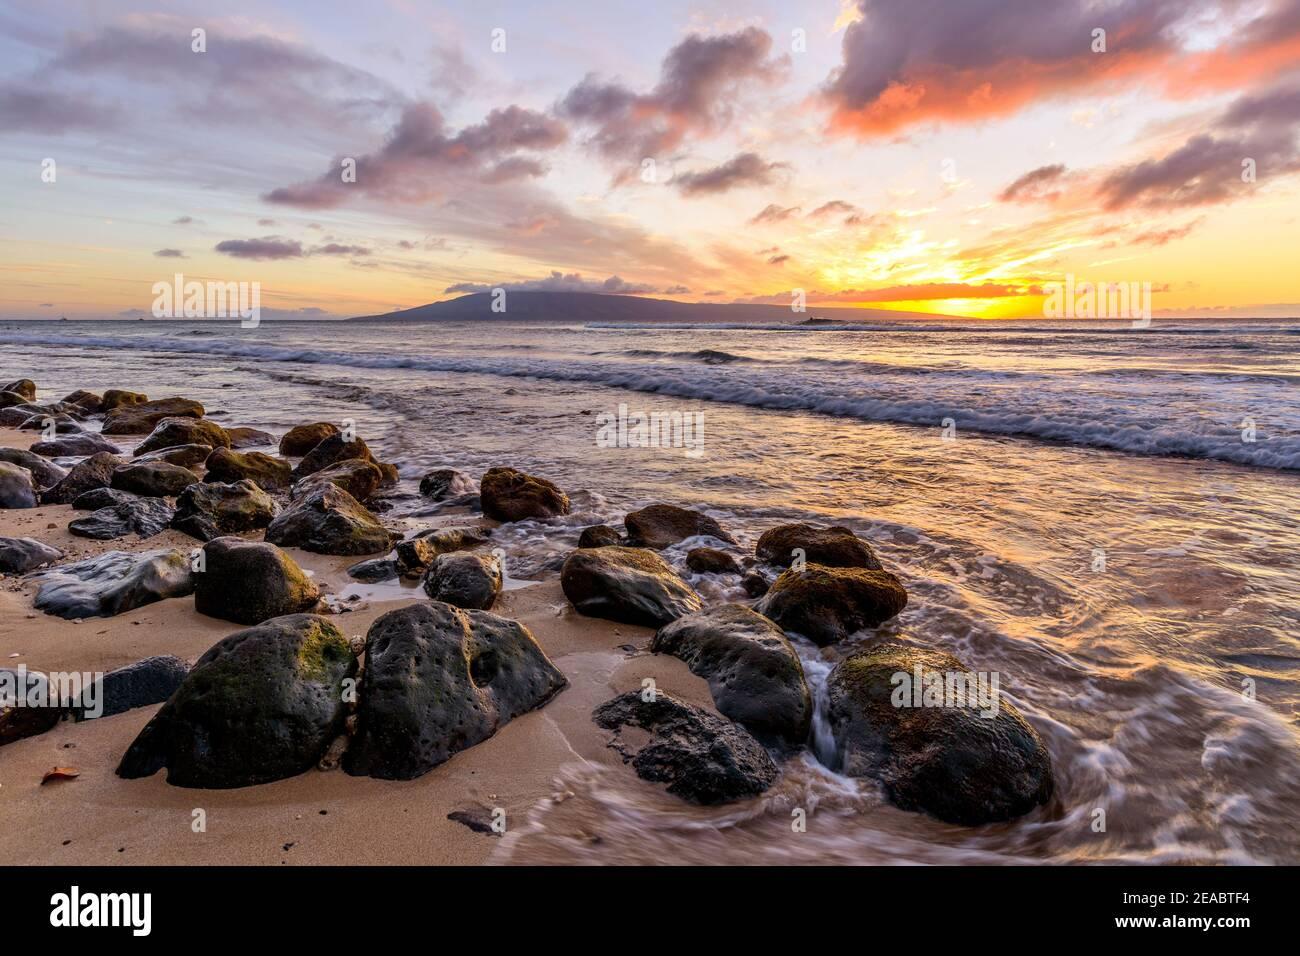 Puesta de sol tropical - una puesta de sol colorida en una playa rocosa de la costa noroeste de la isla de Maui, con la isla Lanai en el horizonte. Hawaii, EE.UU. Foto de stock